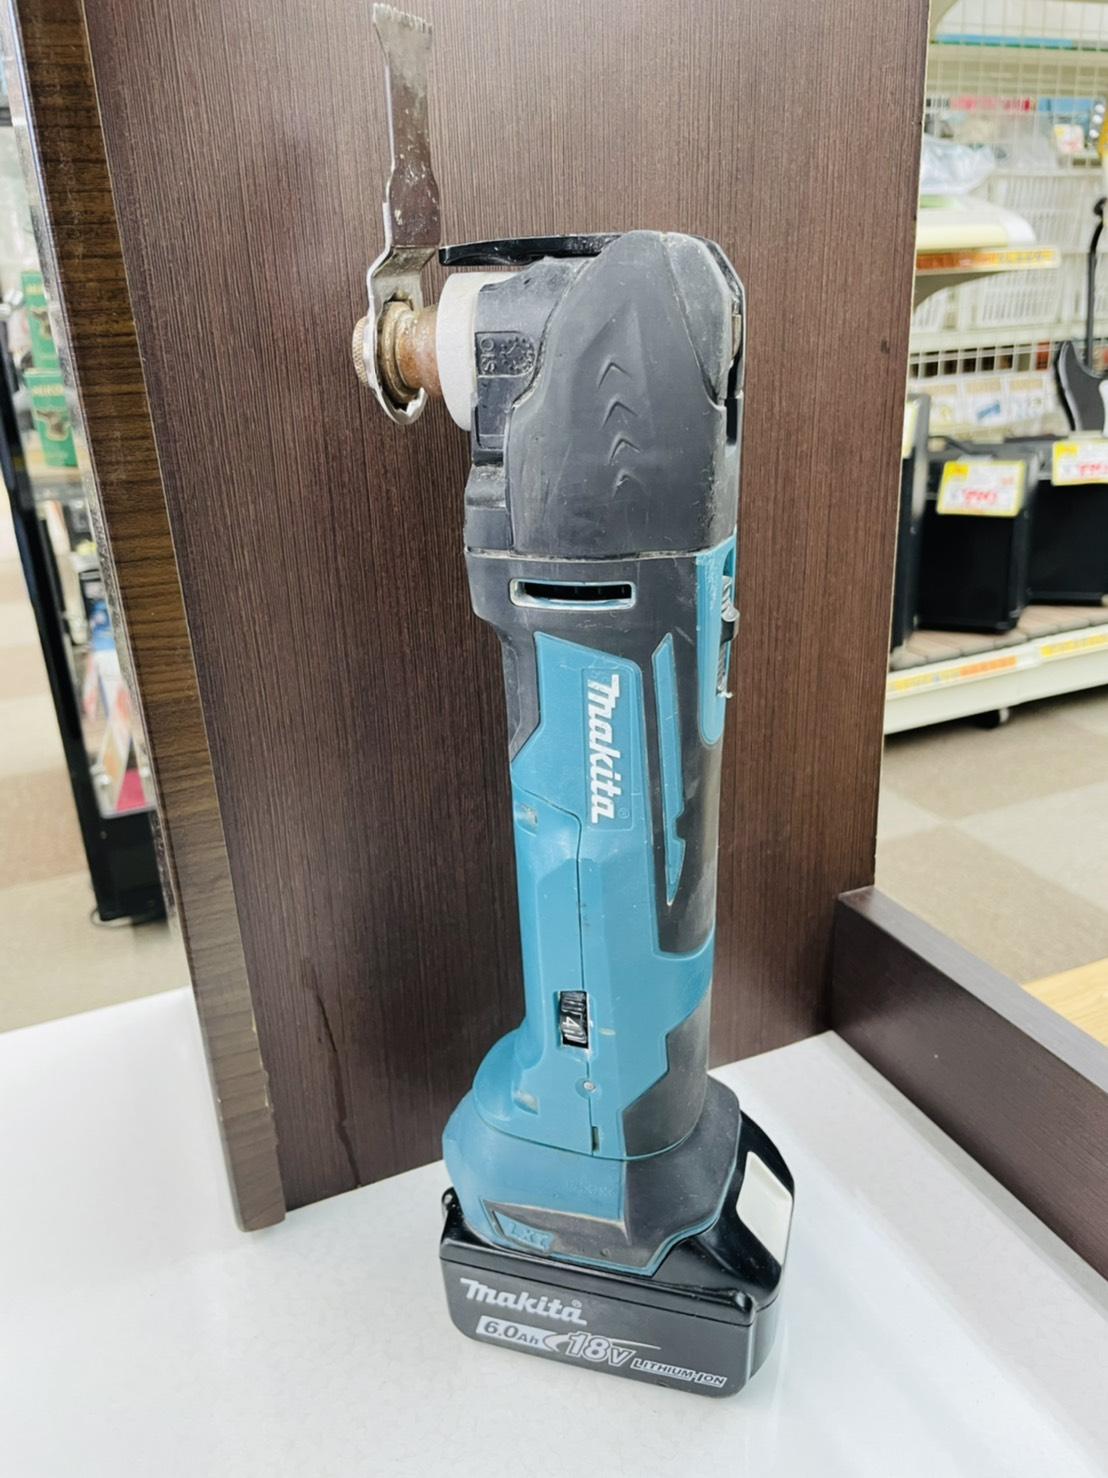 【makita(マキタ) / 18V充電式マルチツール / TM51D 】買い取りさせて頂きました!!の買取-